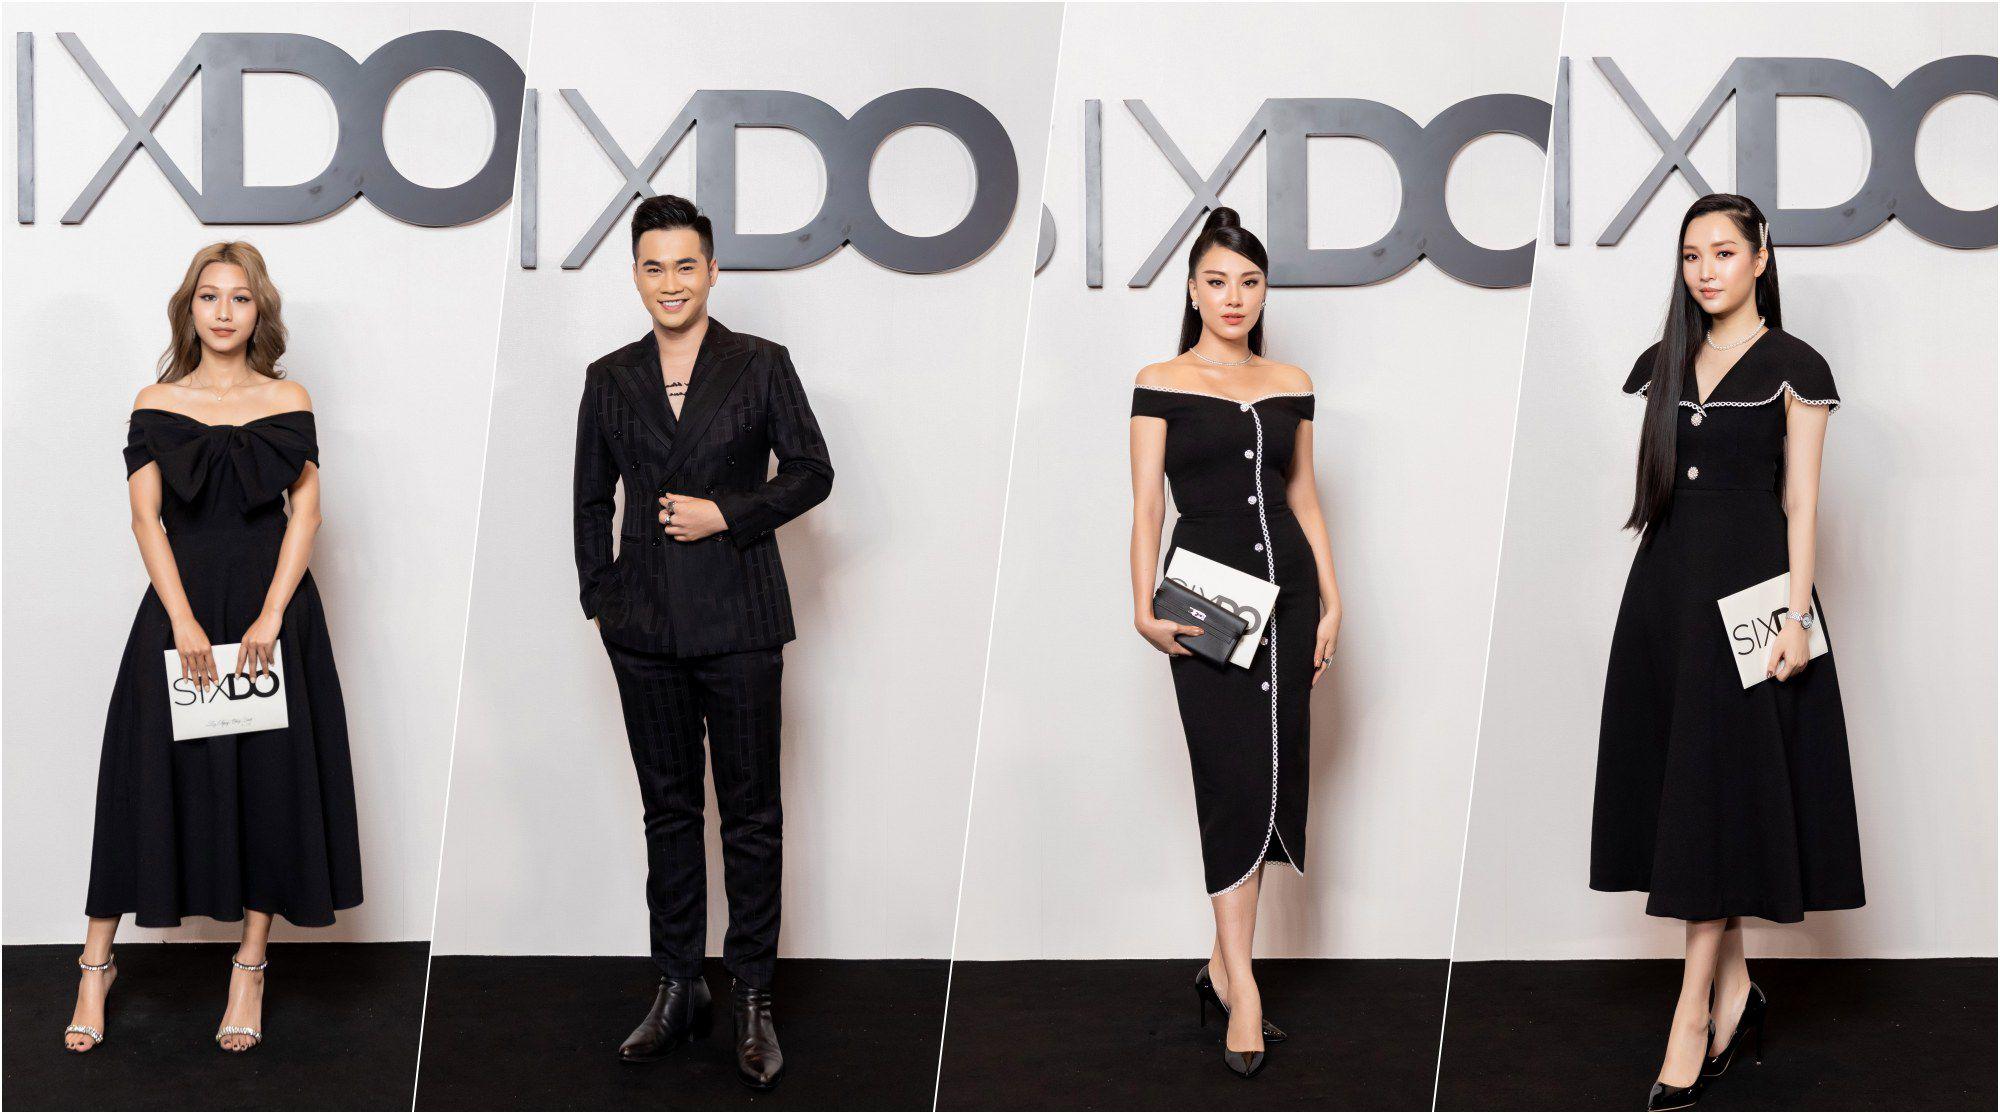 SIXDO thời trang cho mọi người, mọi nhà – Đón đầu xu hướng – VietDaily |  Tin tức hàng ngày